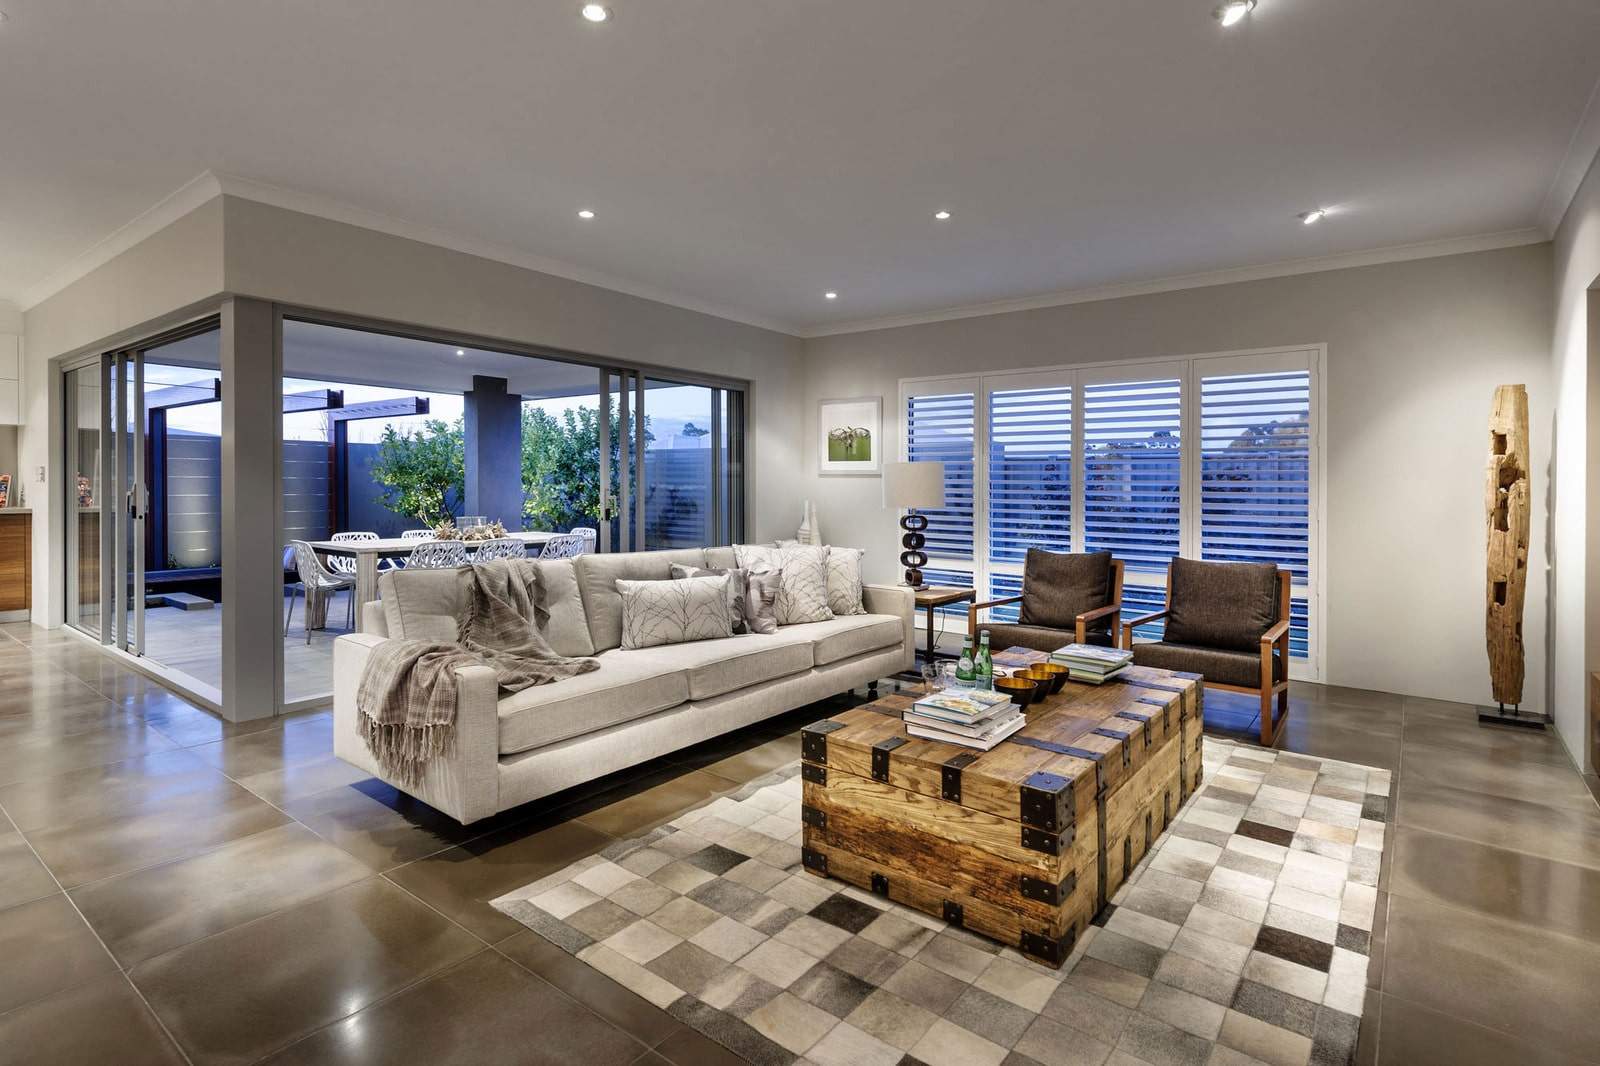 Dise o de casa moderna de dos pisos fachada e interiores for Diseno y decoracion de casas